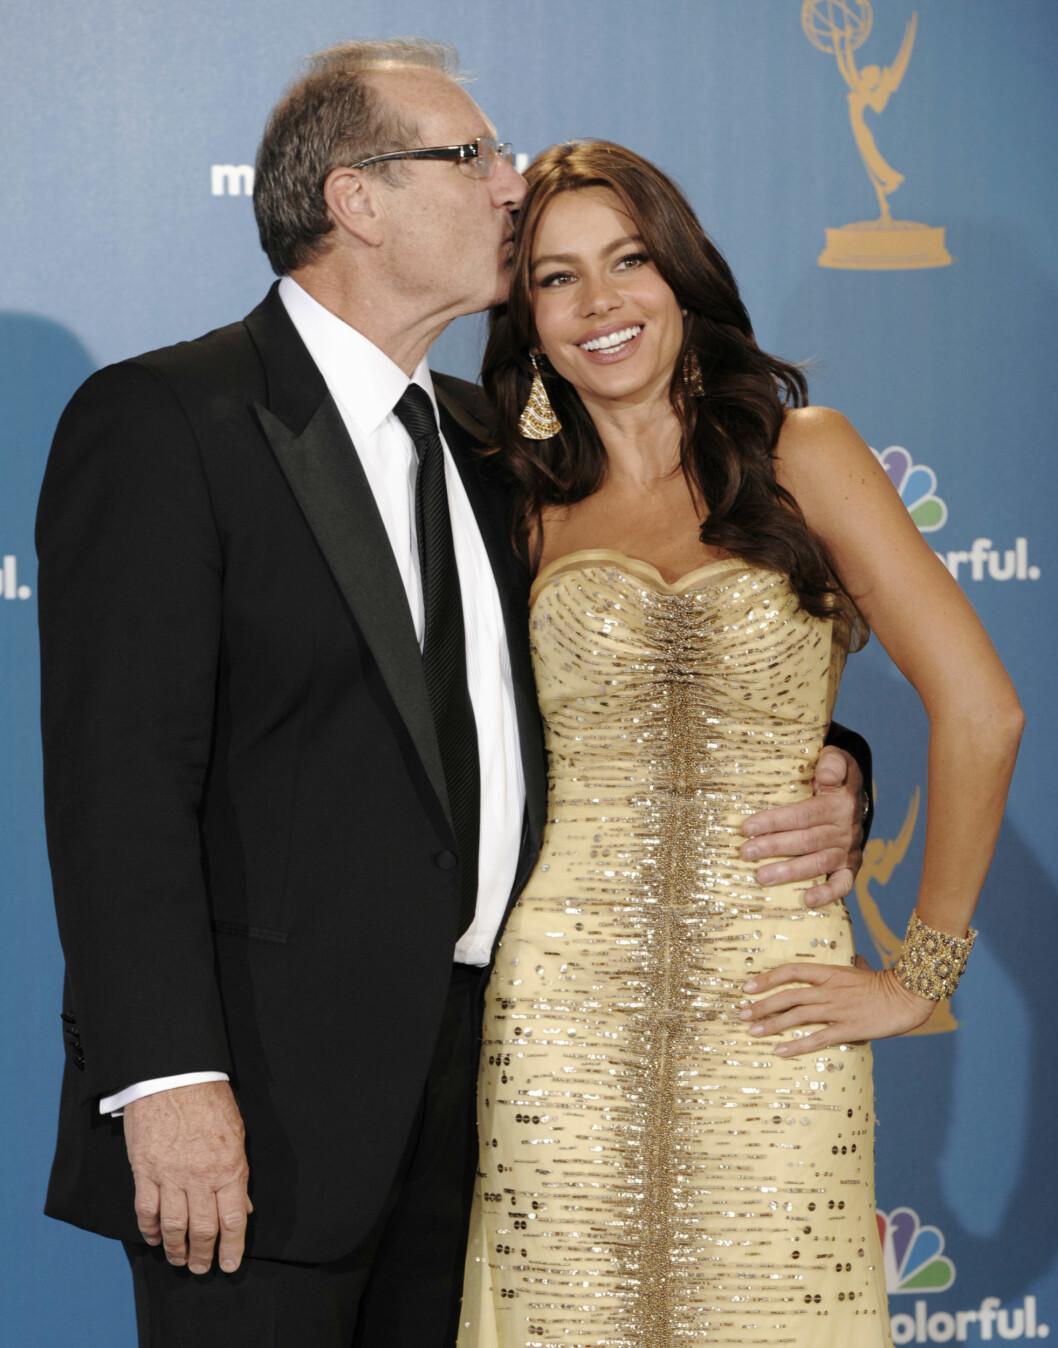 GODE VENNER: Ed O' Neill og Sofia Vergara spiller sammen i TV-serien «Modern Family». Foto: Ap